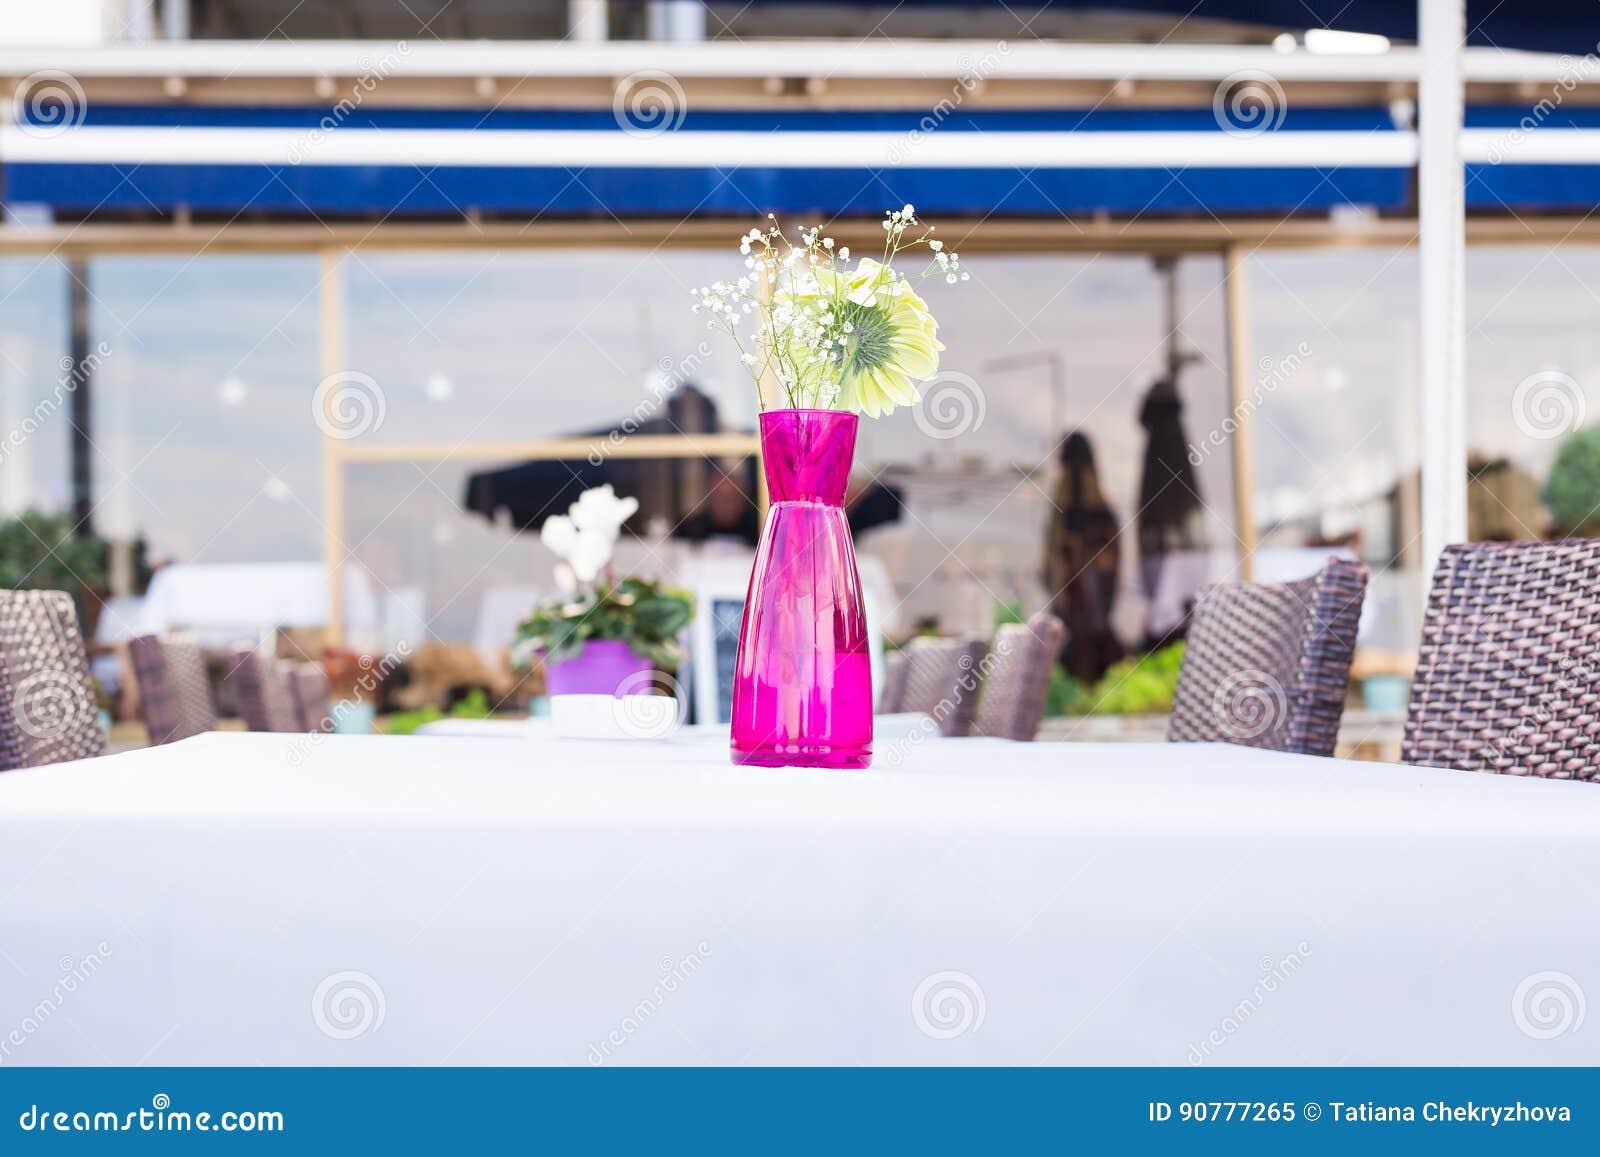 Decoration Des Fleurs Fraiches Sur La Table Dans Le Restaurant